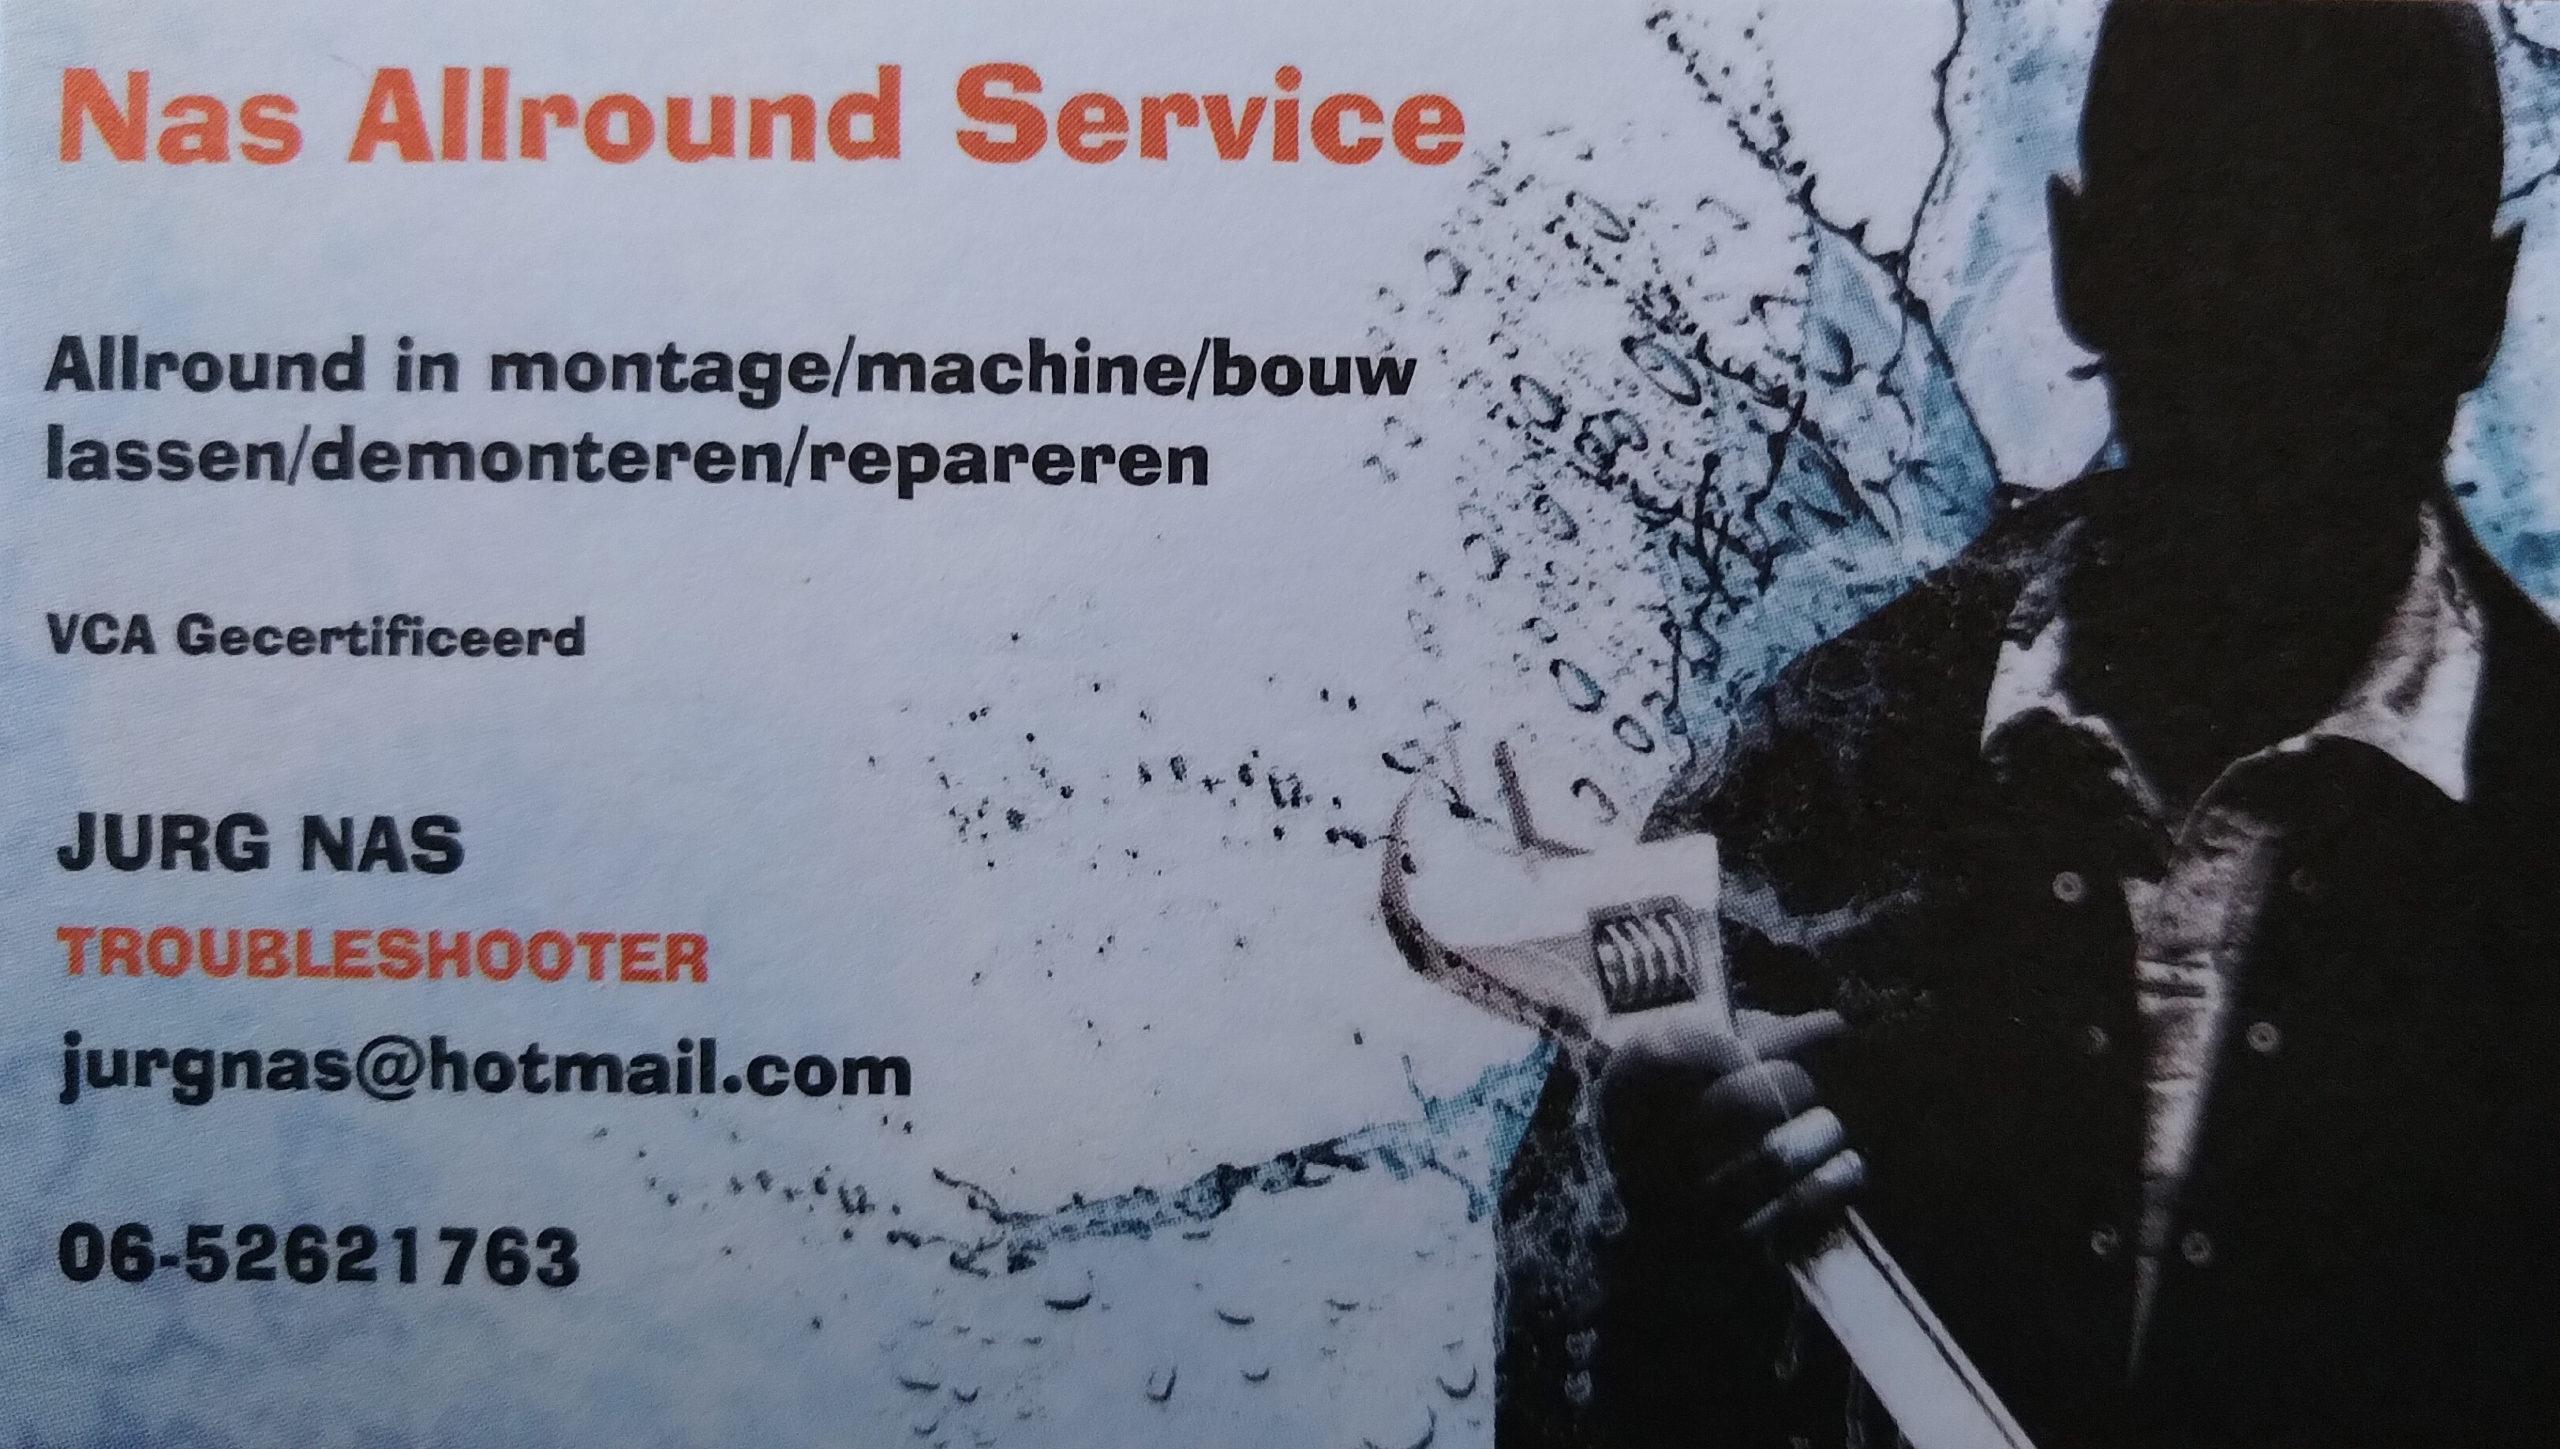 NAS Allround Service